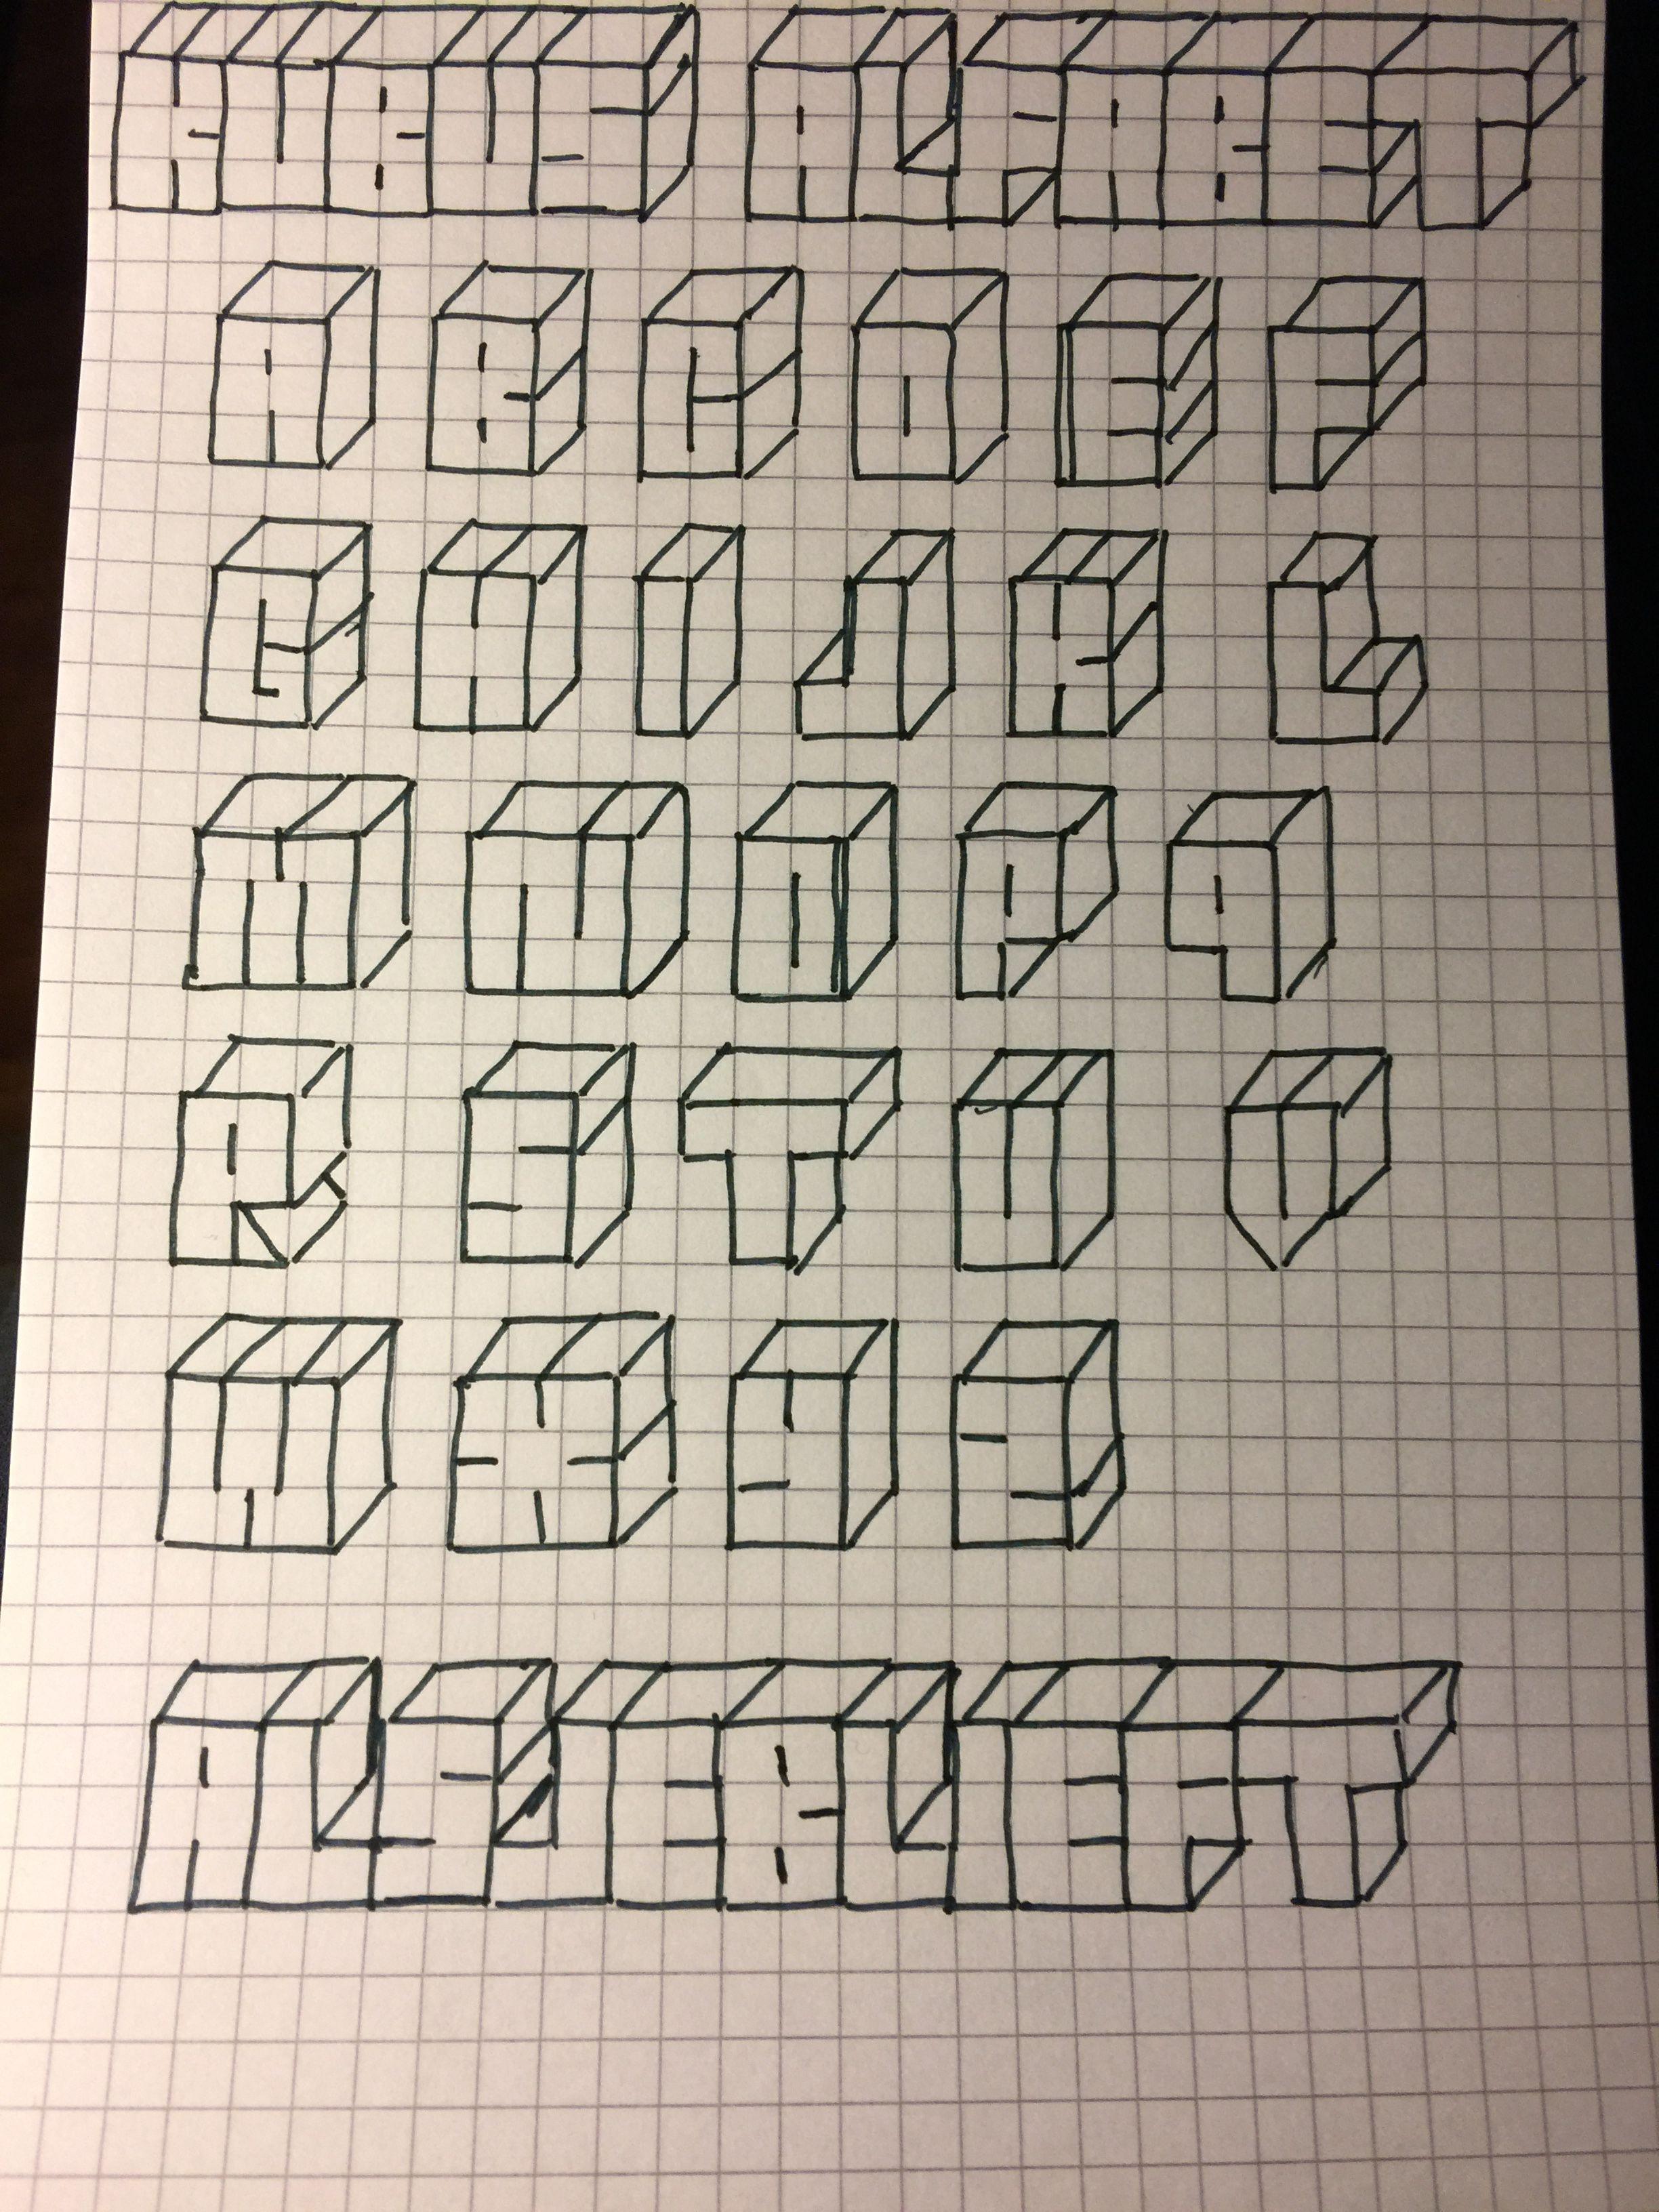 Kubus Alfabet Tipos De Letras Abecedario Estilos De Letras Disenos De Letras